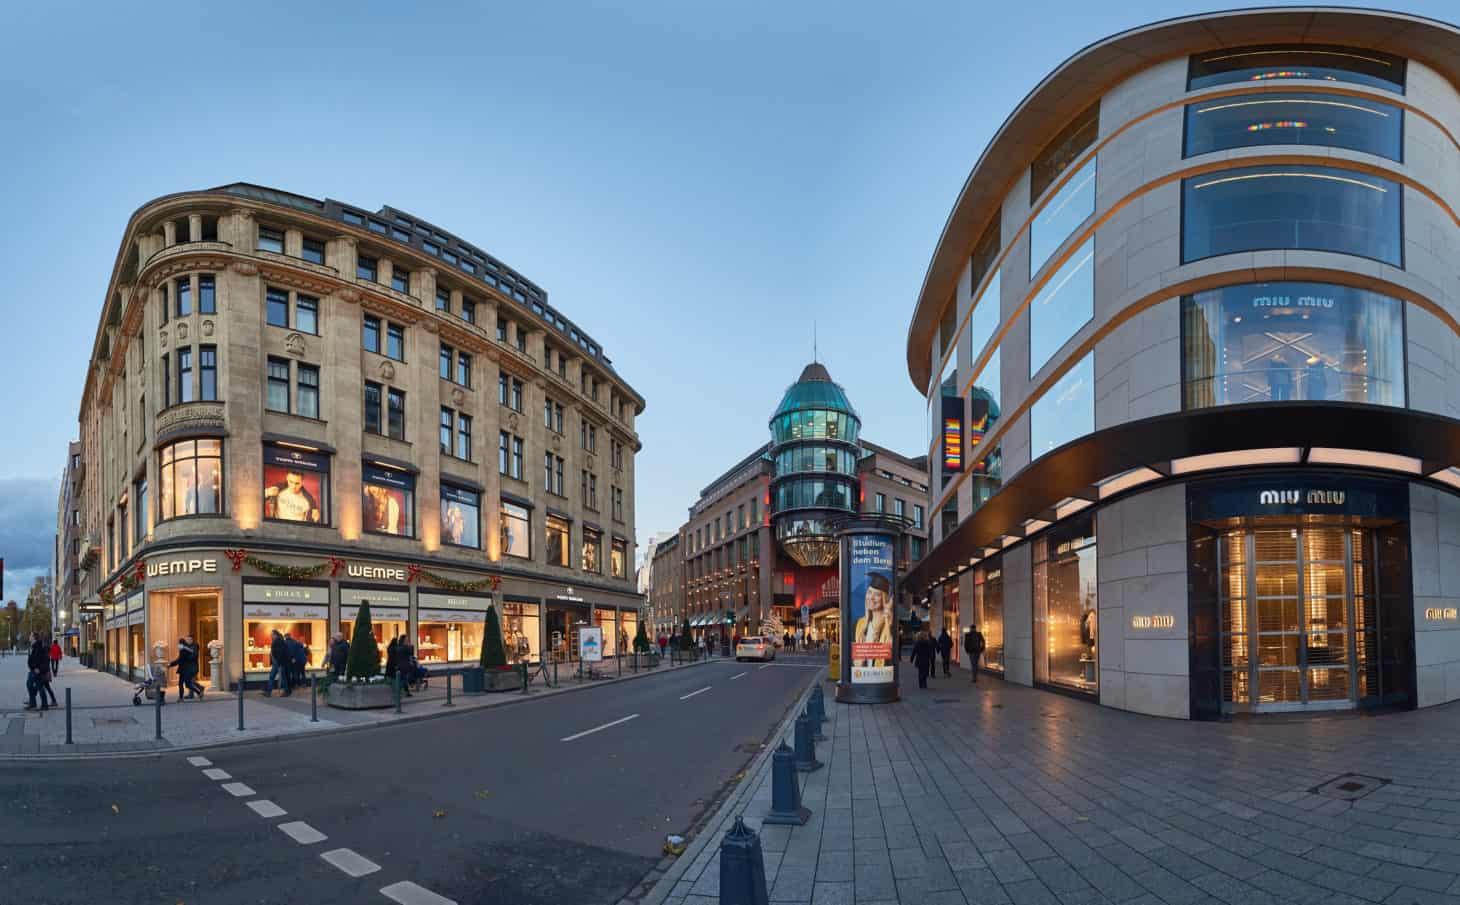 Dusseldorf Konigsallee